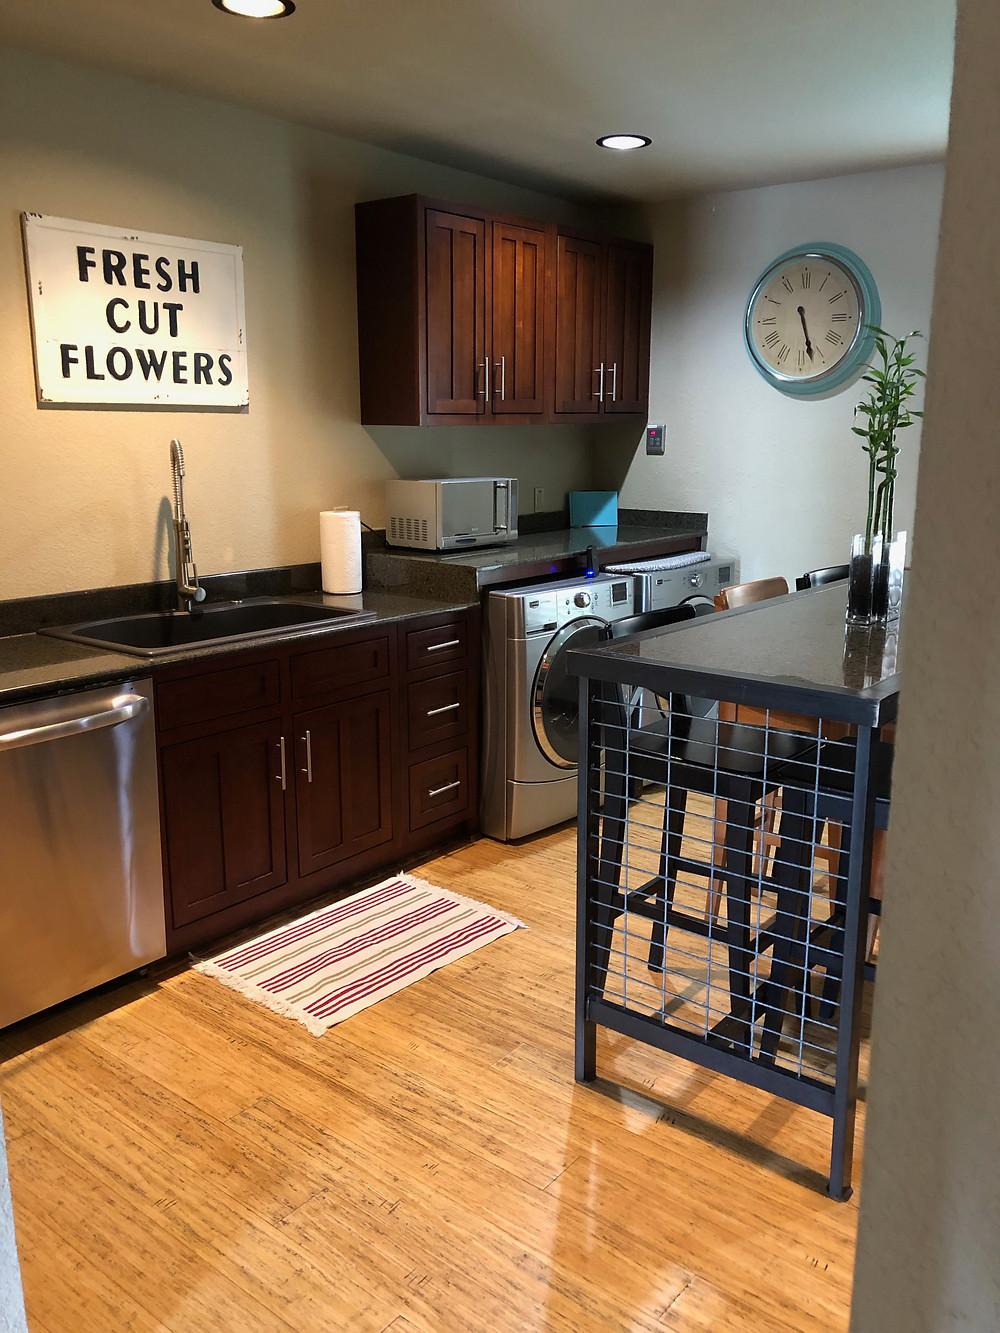 Really nice kitchen set up